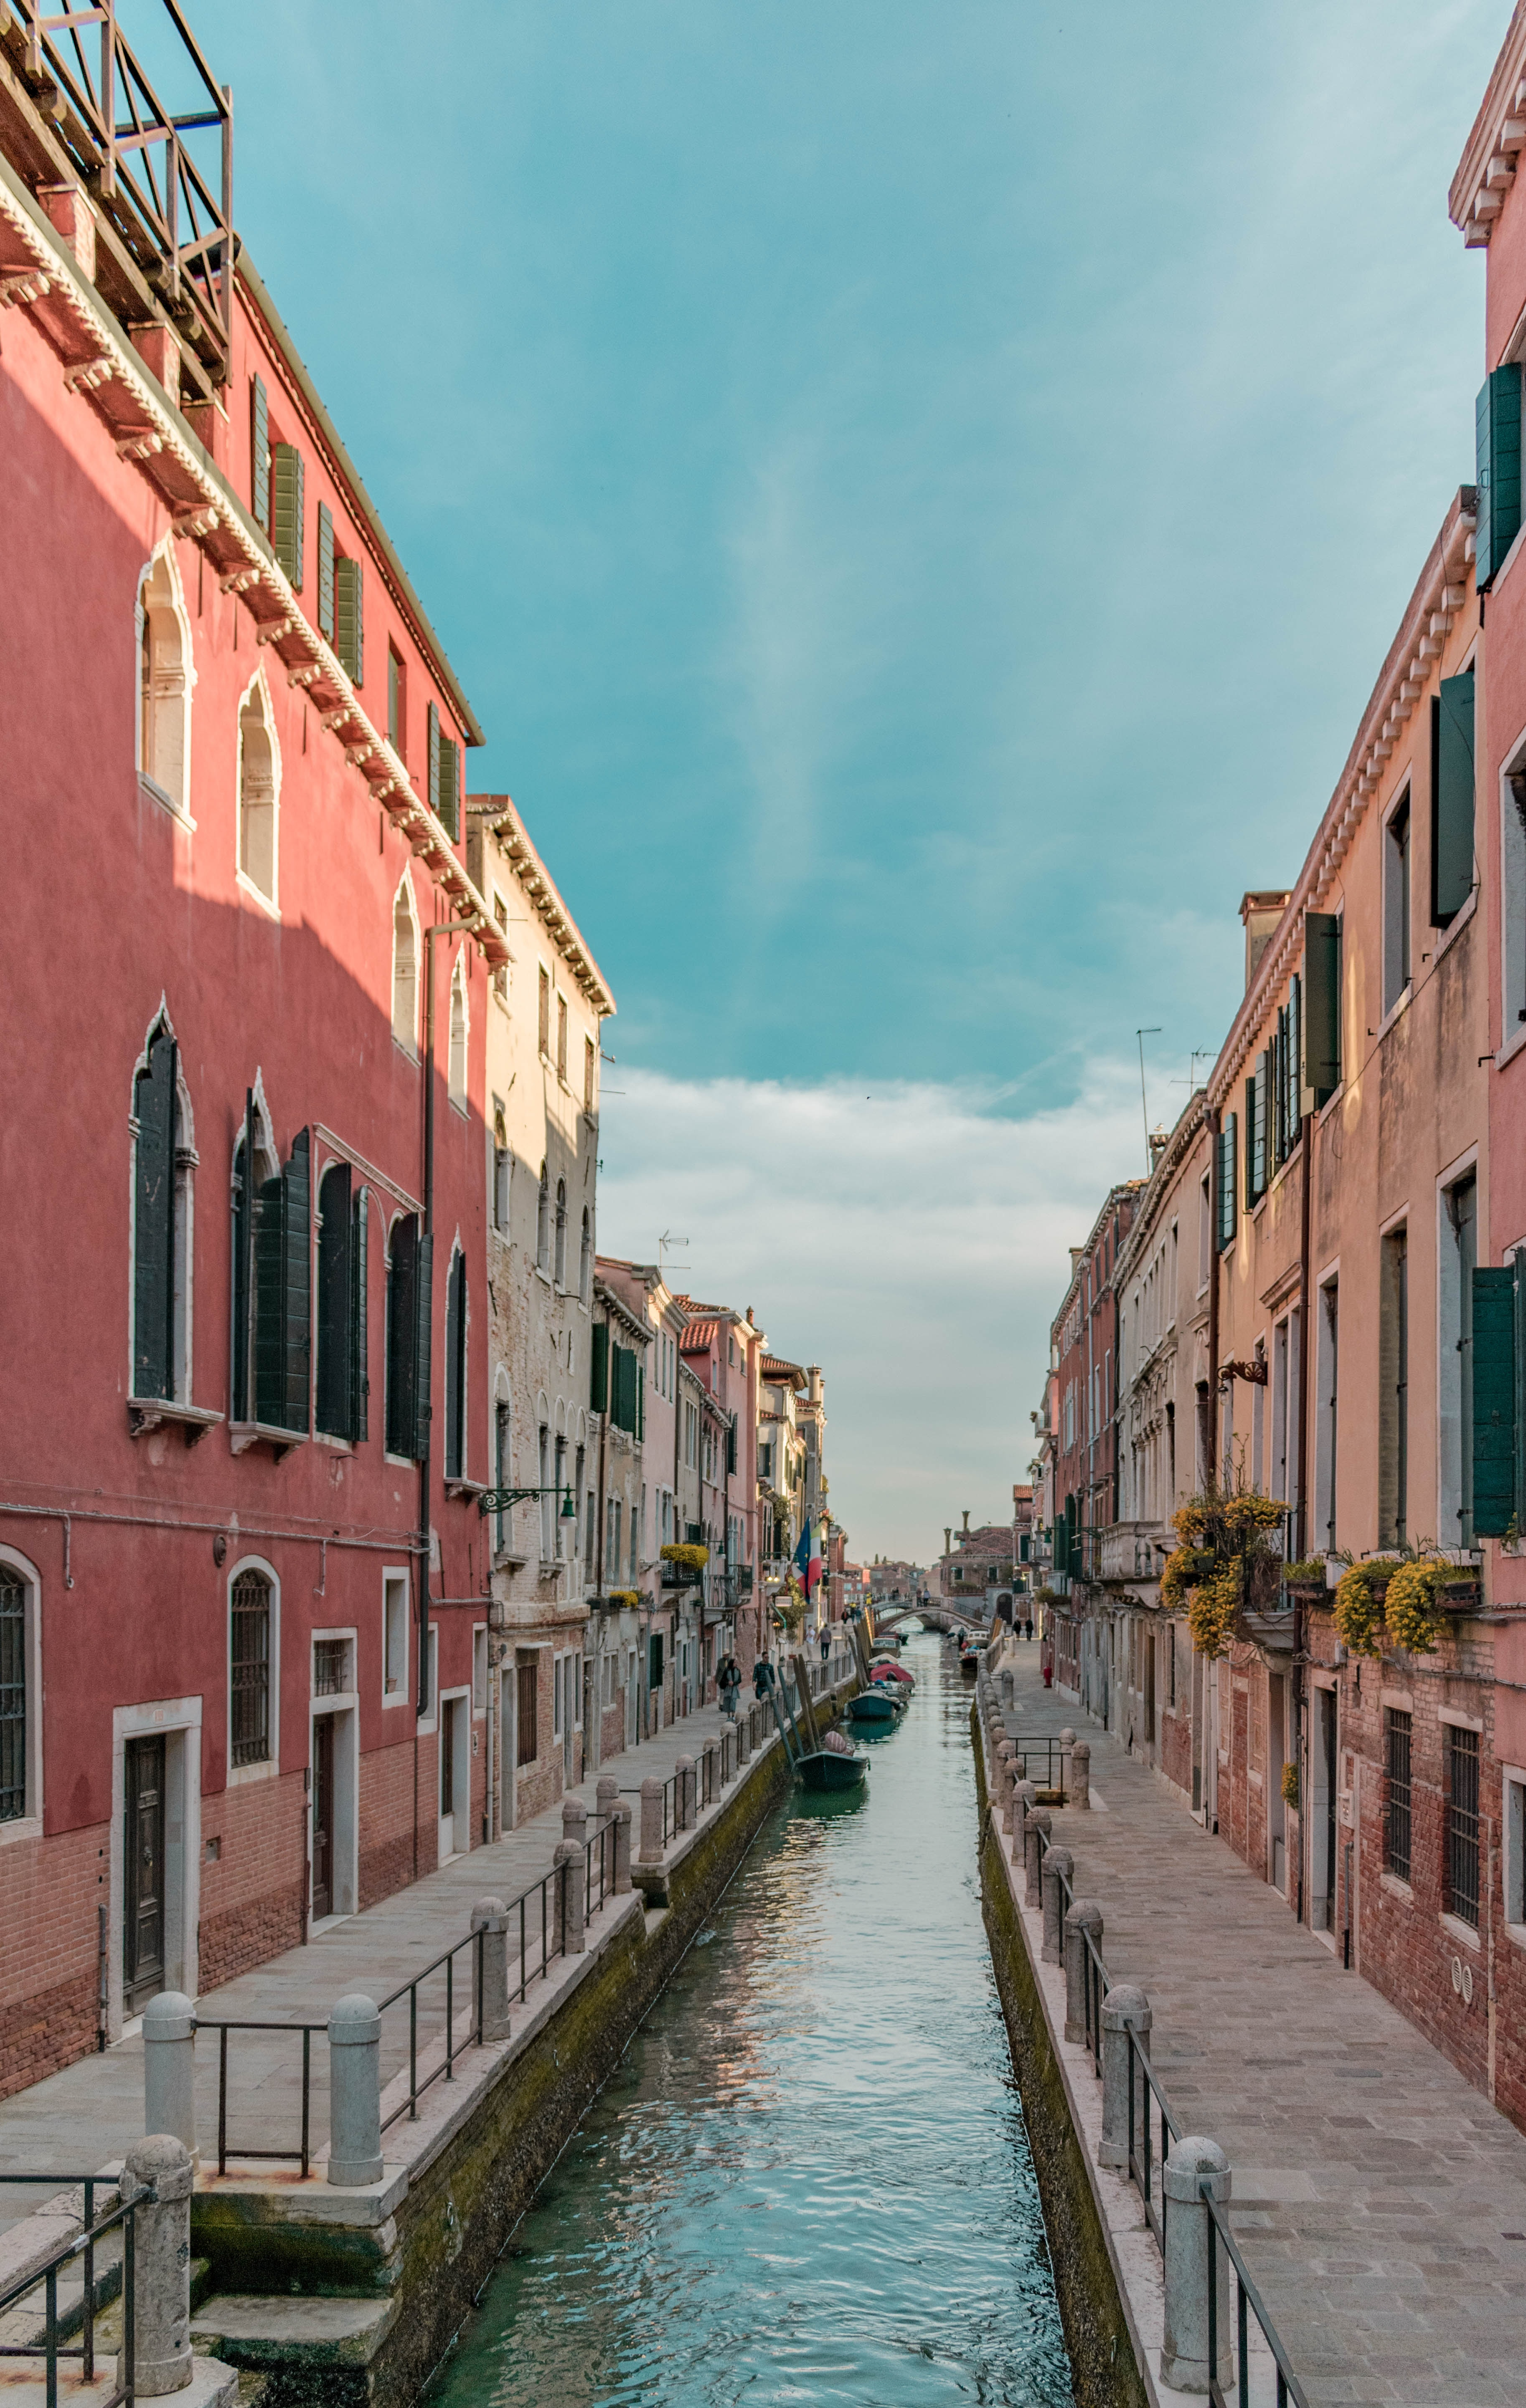 100889 скачать обои Италия, Венеция, Города, Здания, Улица, Канал - заставки и картинки бесплатно